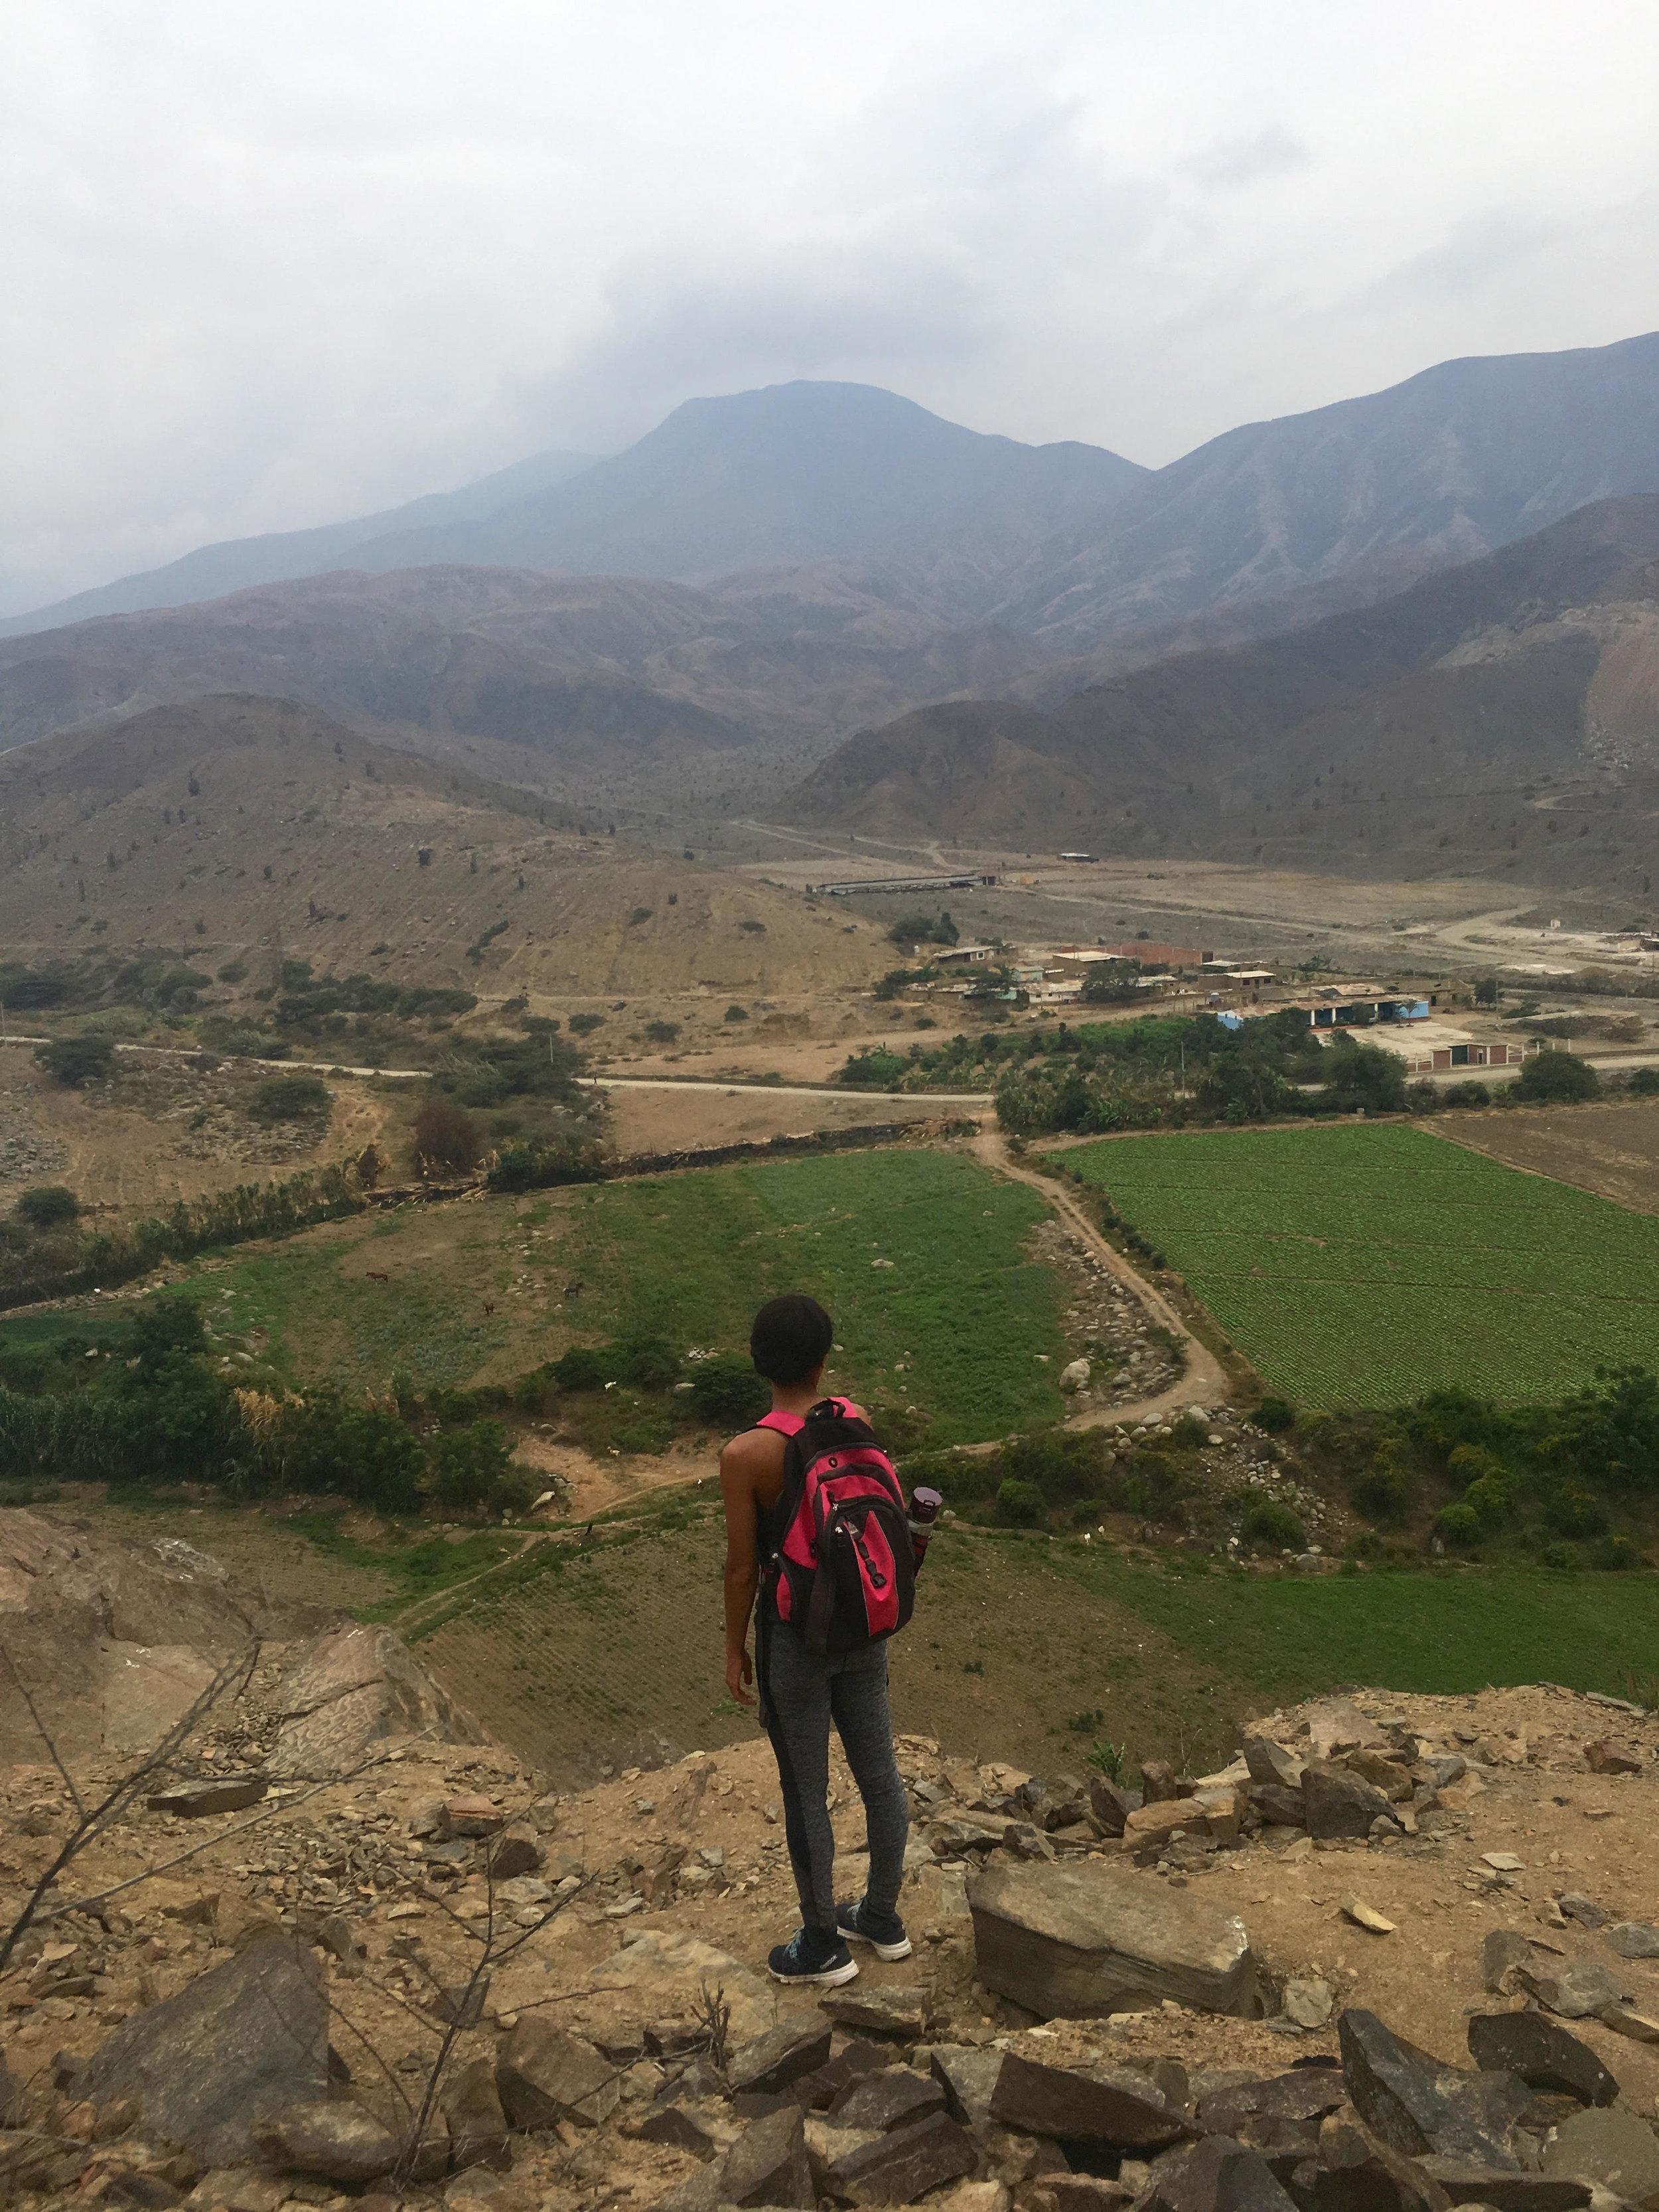 Hiking in Simbal, Peru